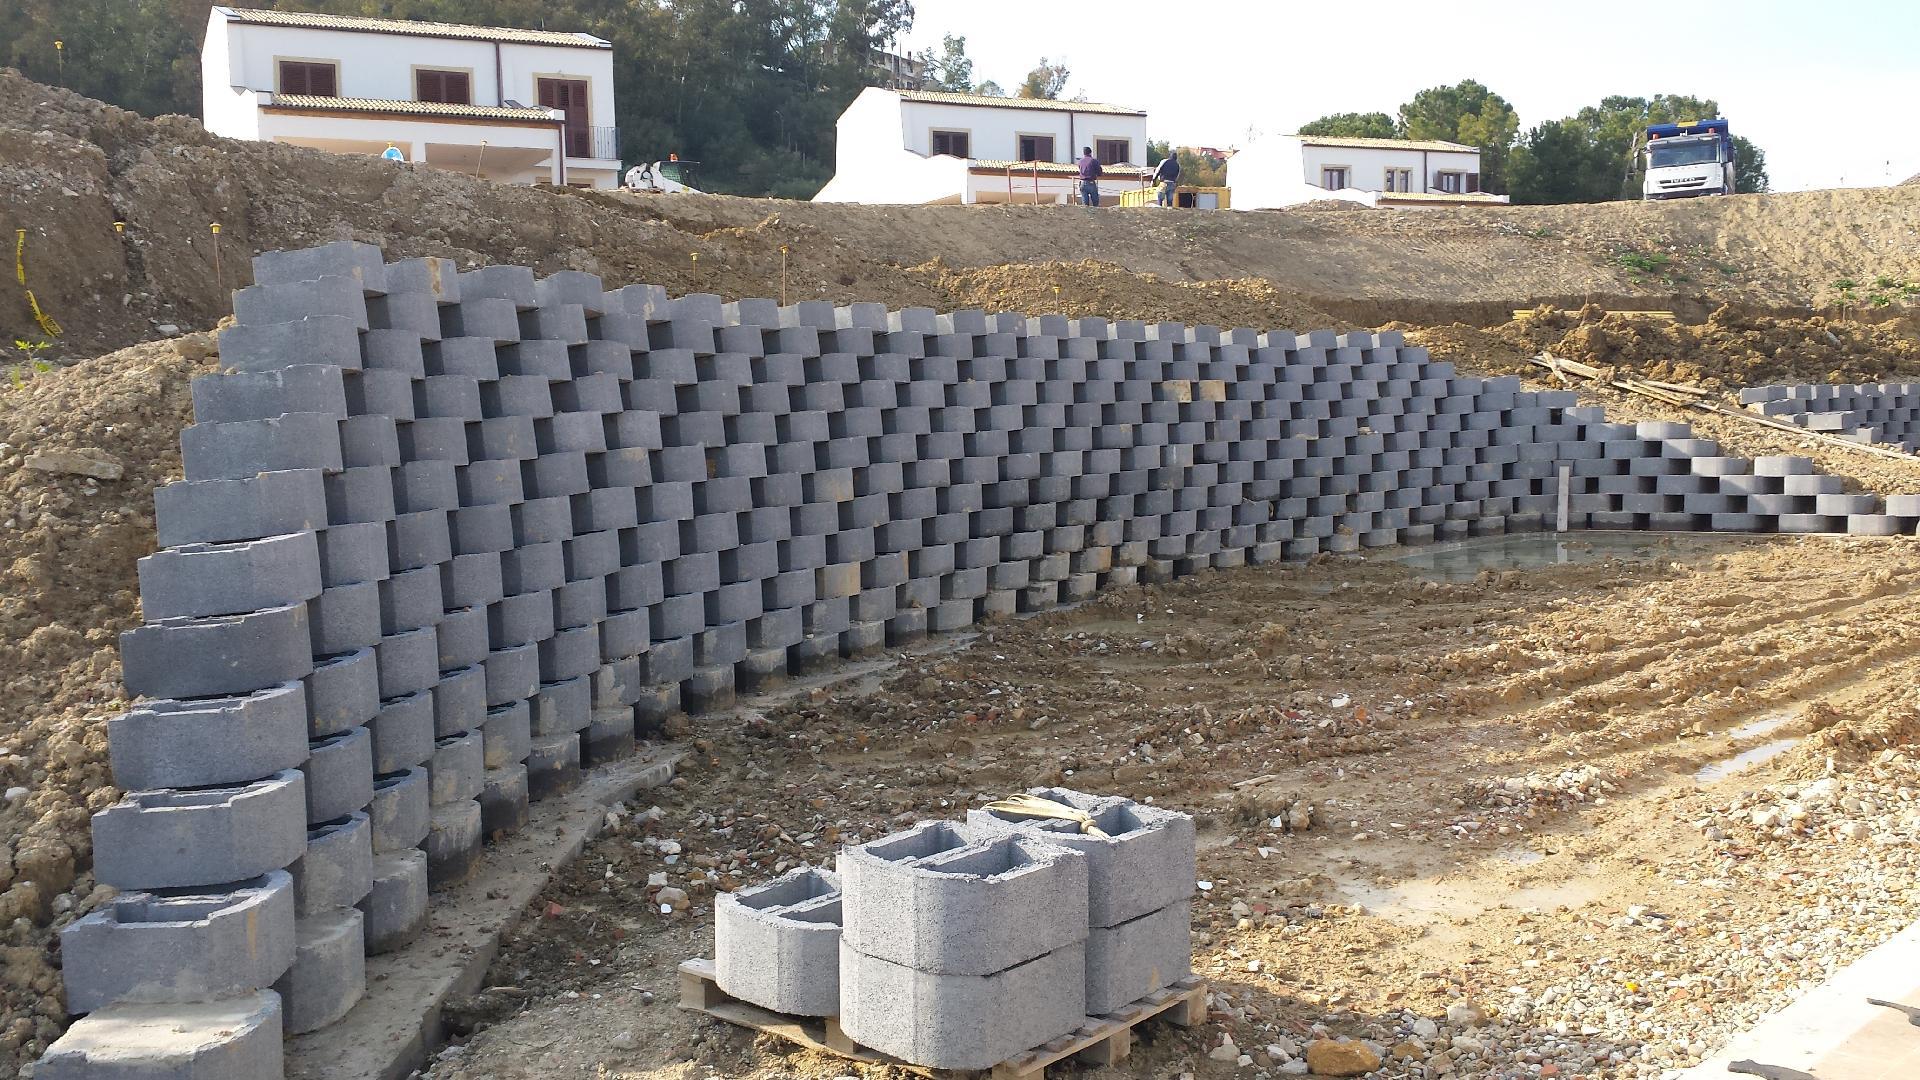 Blocchi in cemento per muri a secco e per mantenimento - Forati portanti ...